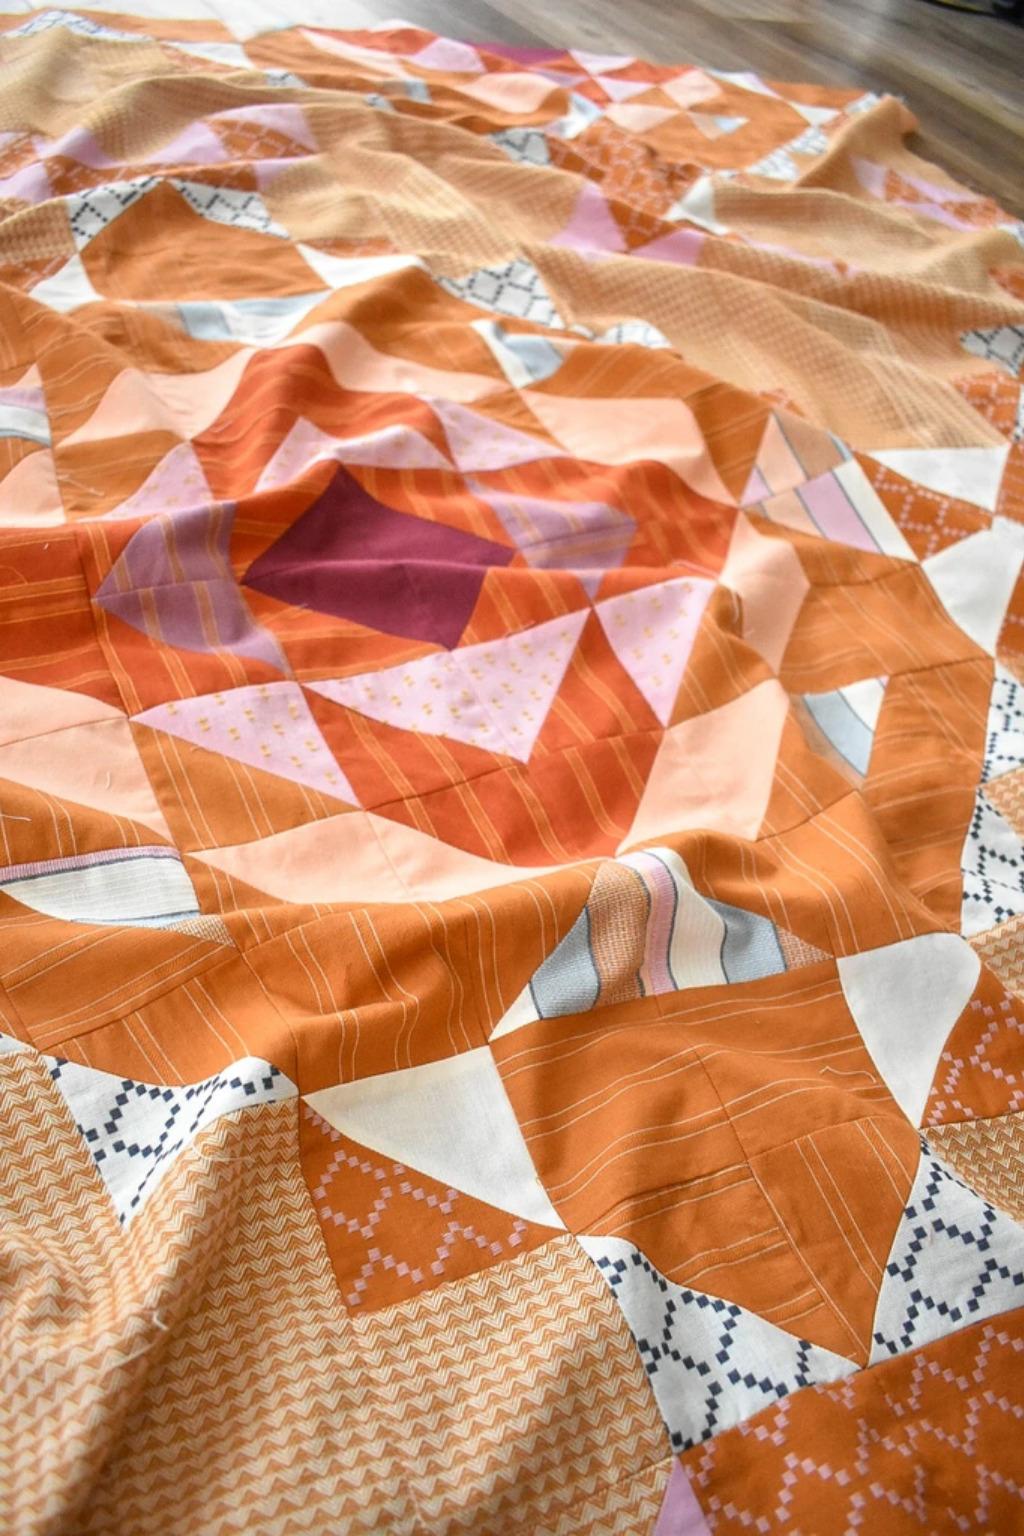 Screenshot 2021-01-15 My Warp Weft Vintage Lace Quilt